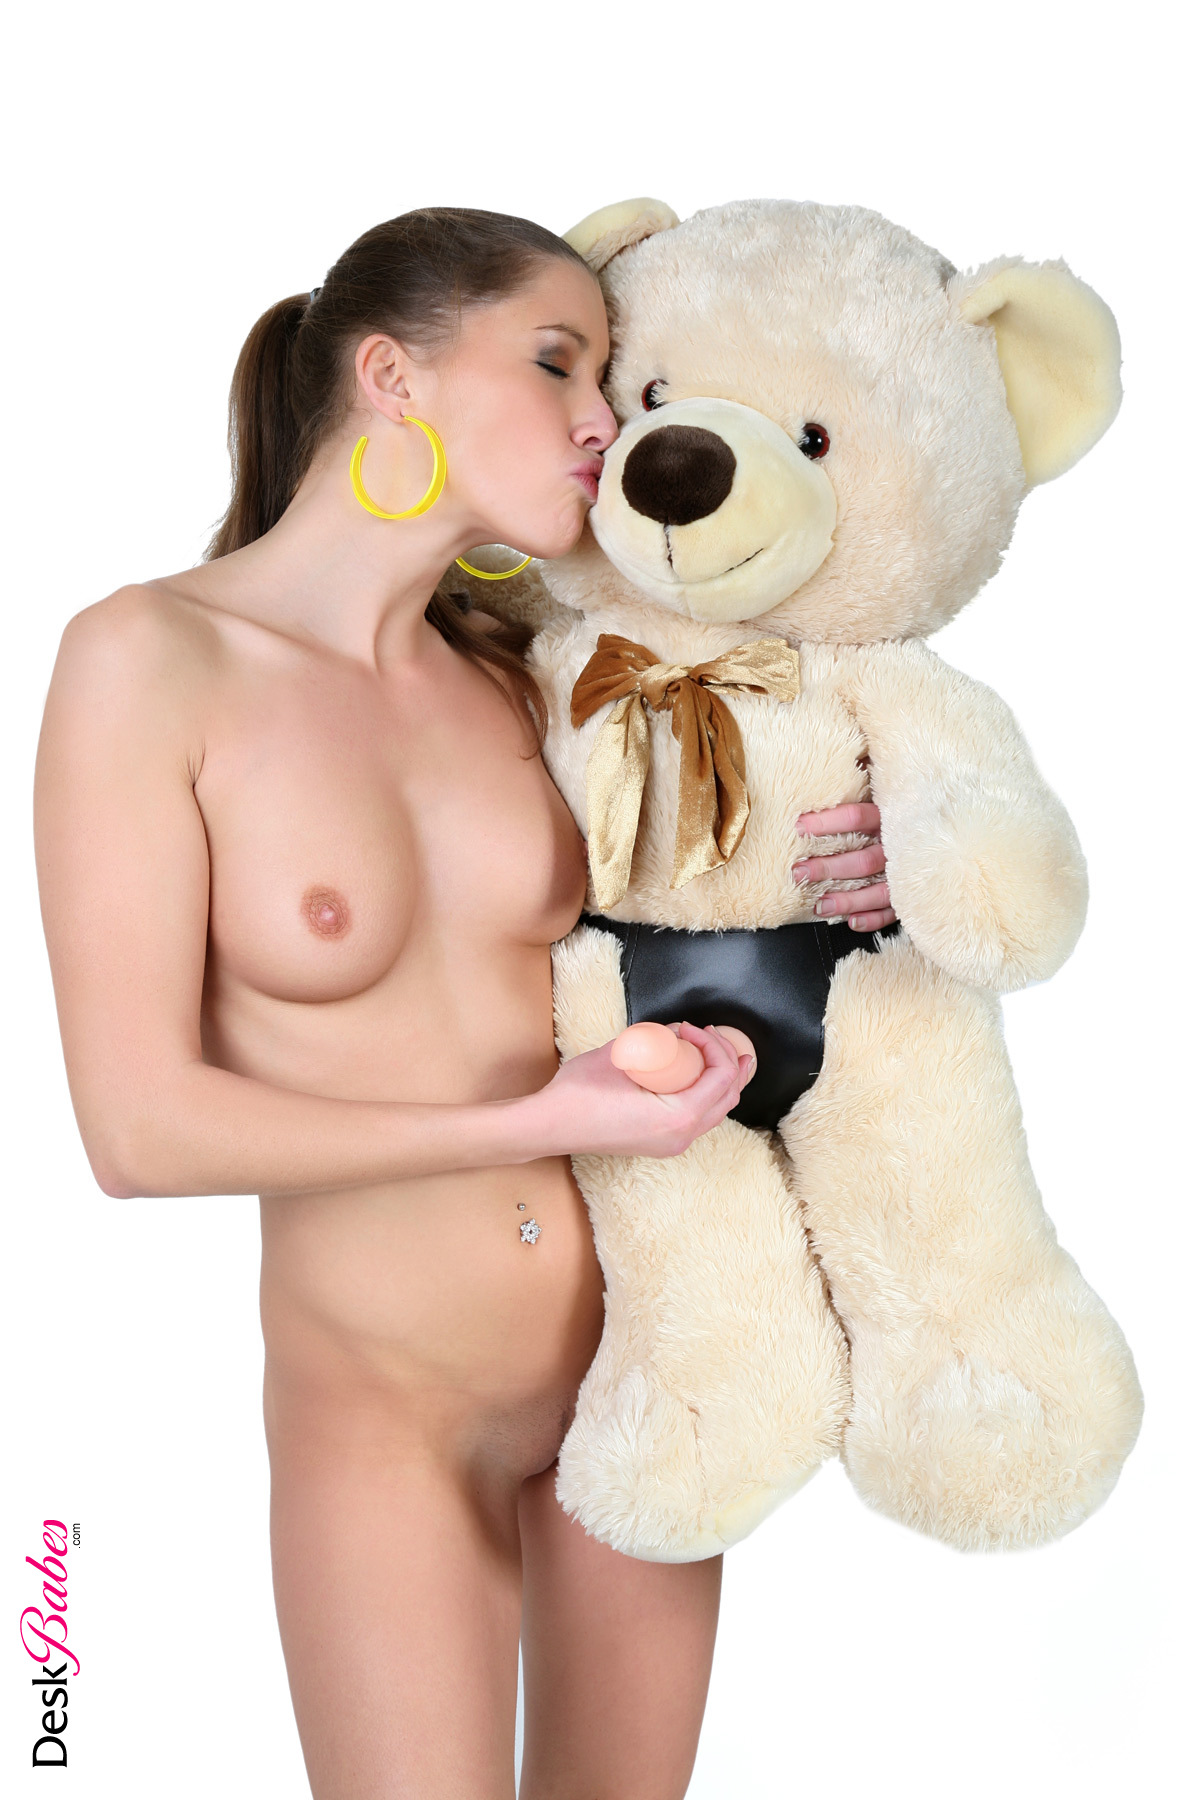 Фото девушек и сексуальных игрушек